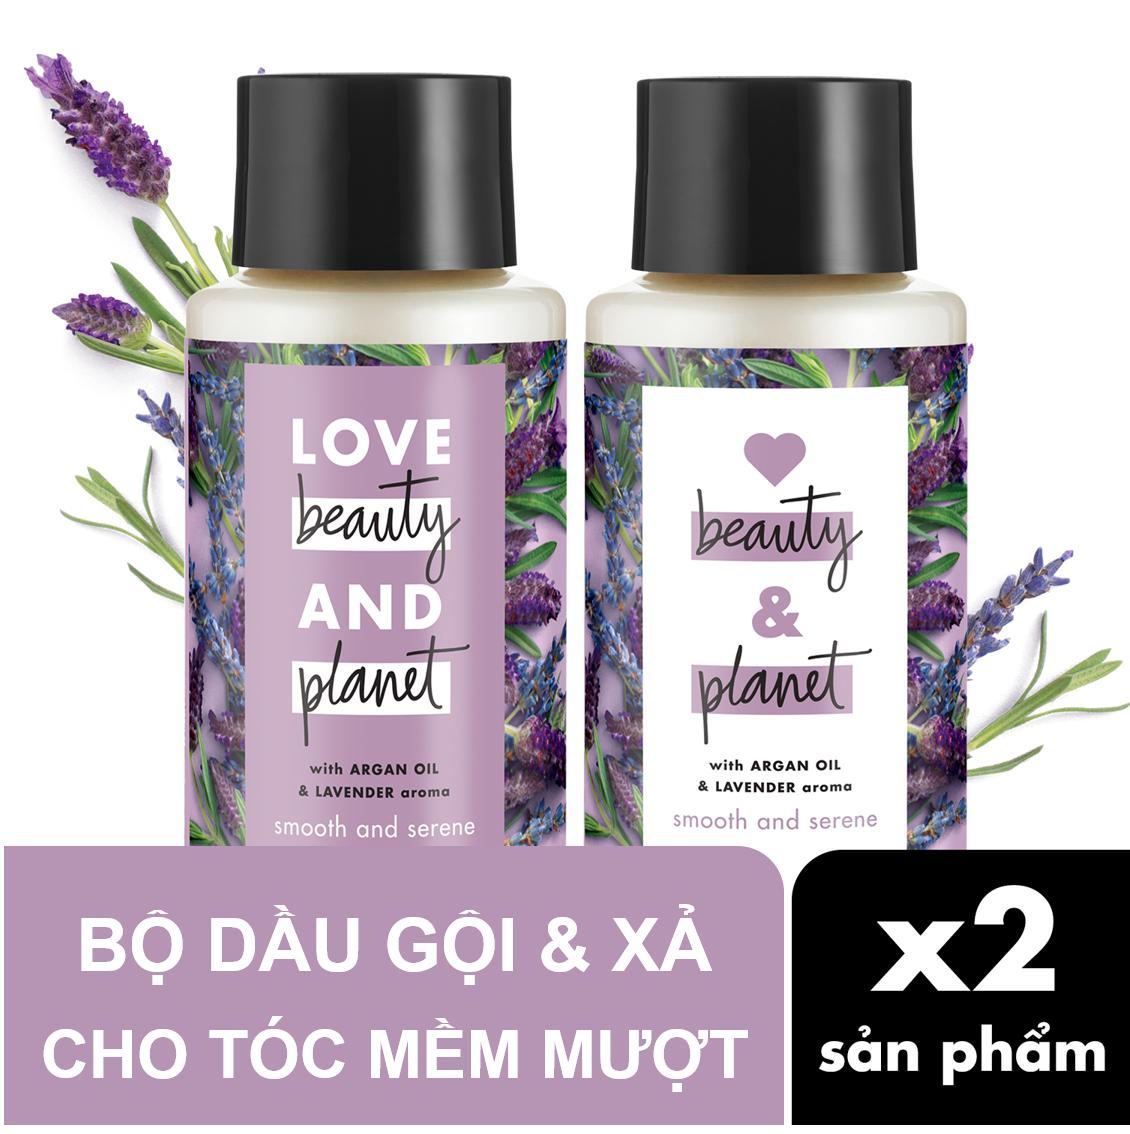 Combo cho tóc mềm mượt dầu gội & dầu xả Love Beauty & Planet 400ml tốt nhất